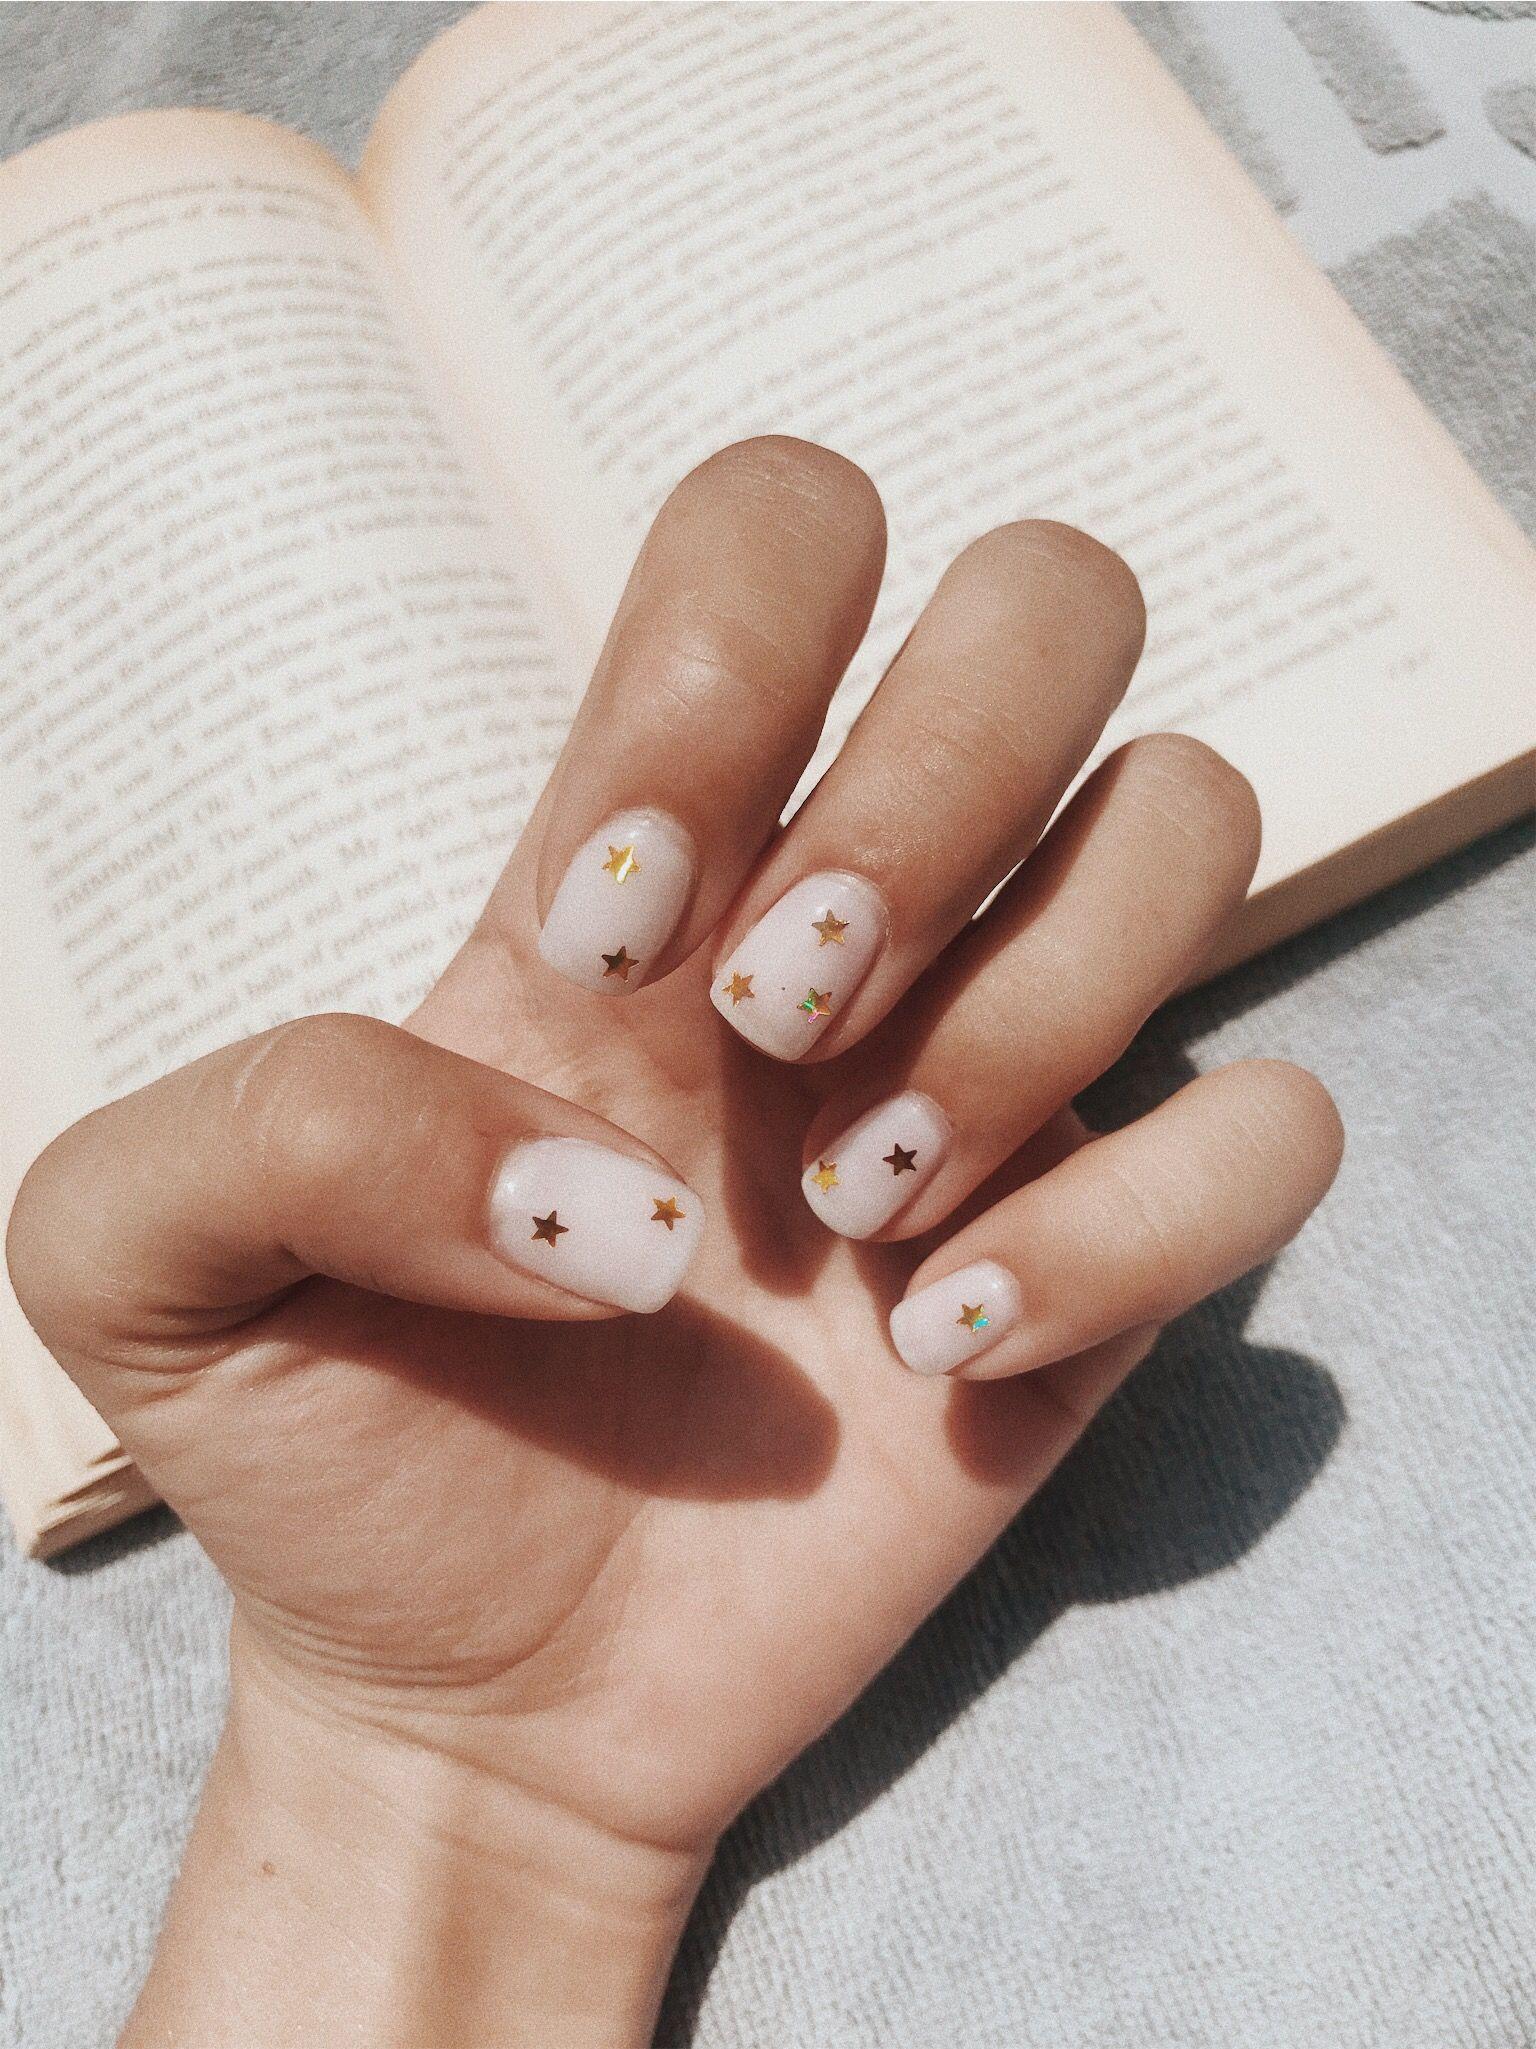 Vsco Maggielento Classy Nails Classy Nail Art Cute Nails